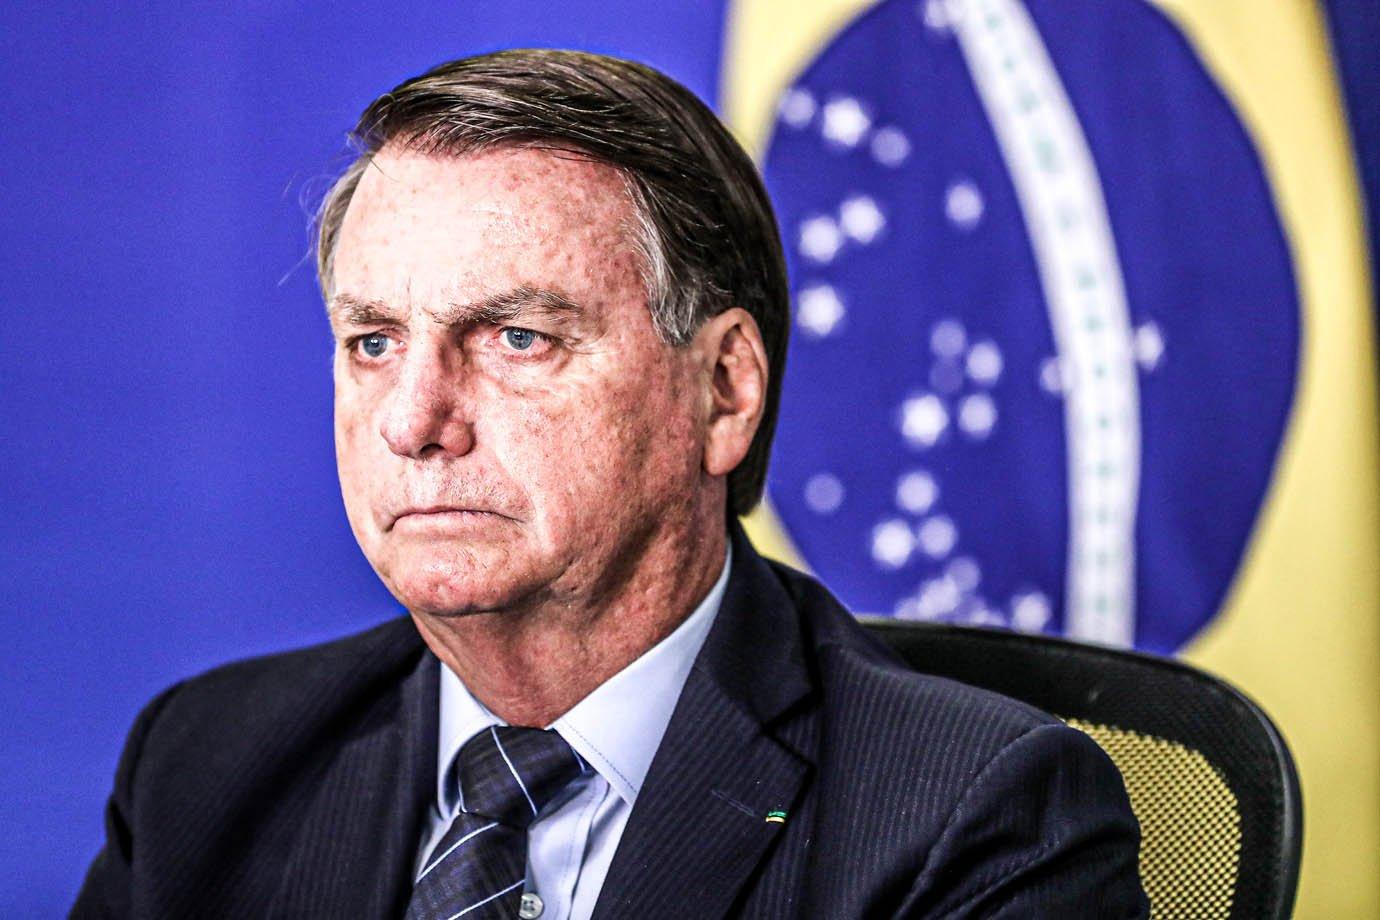 Repercussão: com Lula na disputa, Bolsonaro fortalece ou enfraquece?